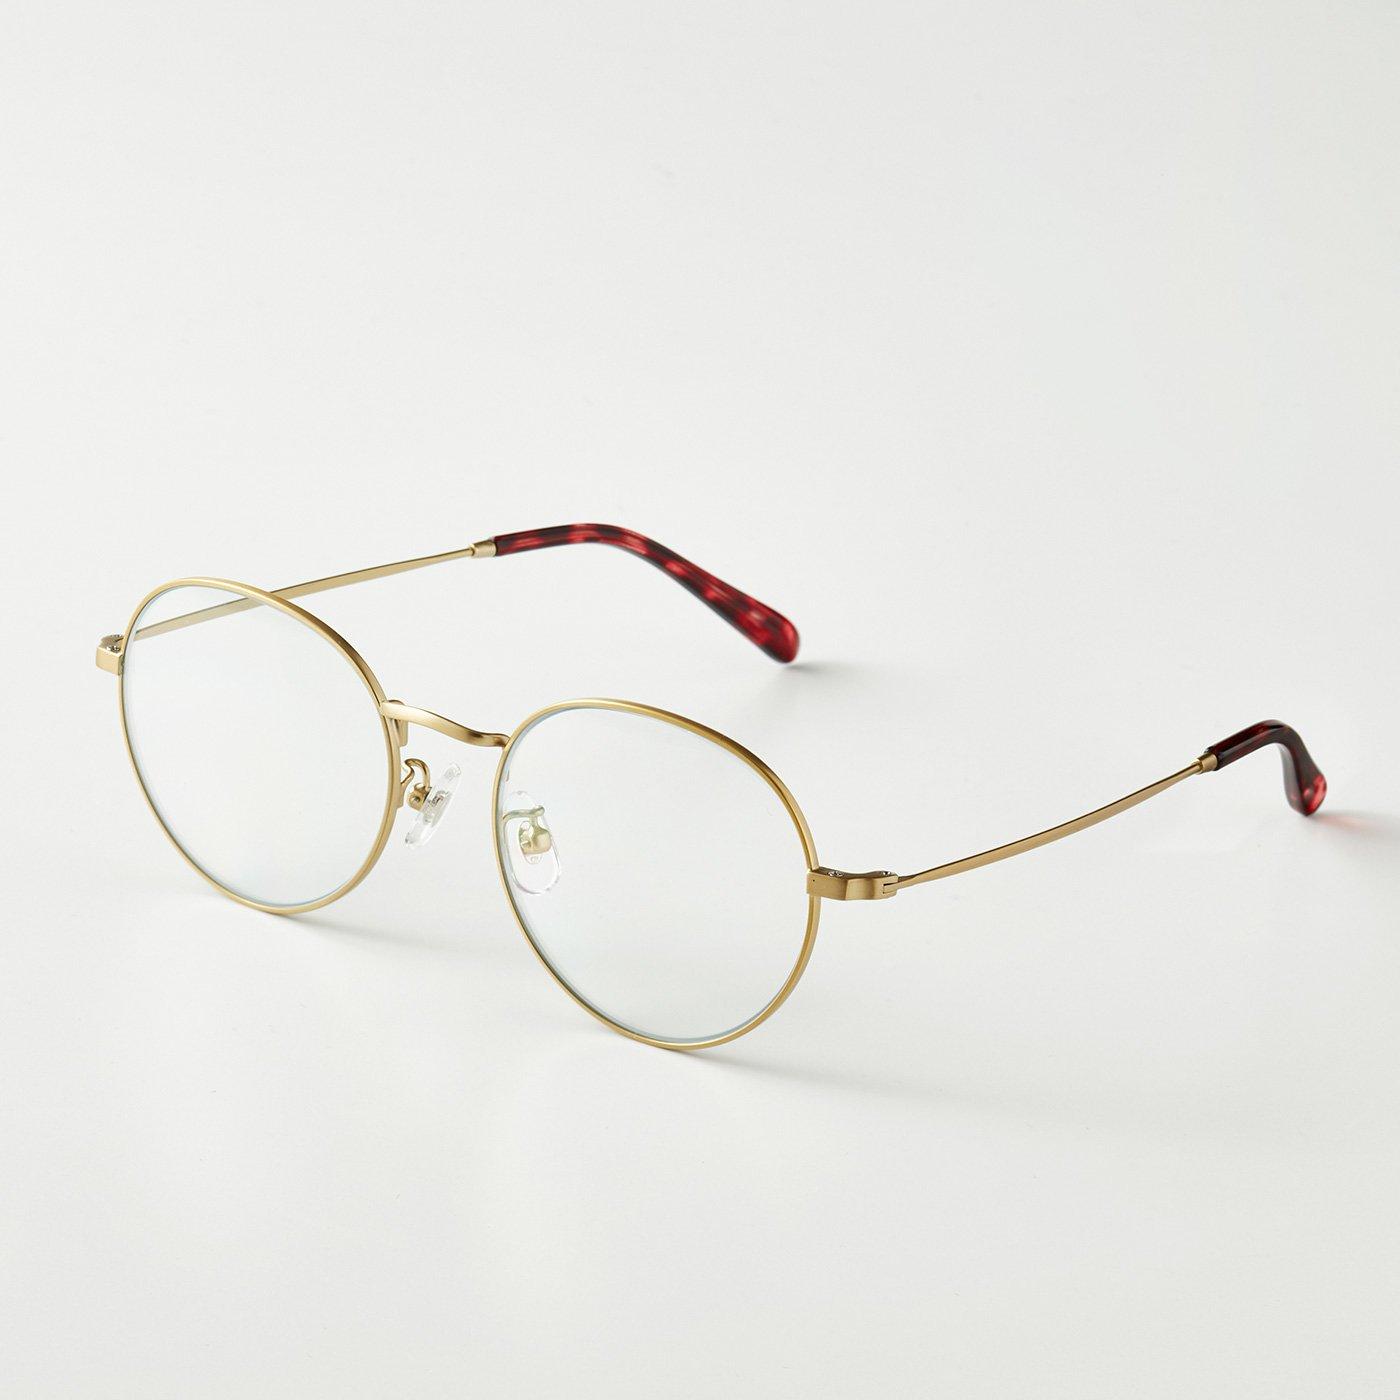 UVカット99% 細フレームでさりげない 眼鏡感覚のクリアサングラス